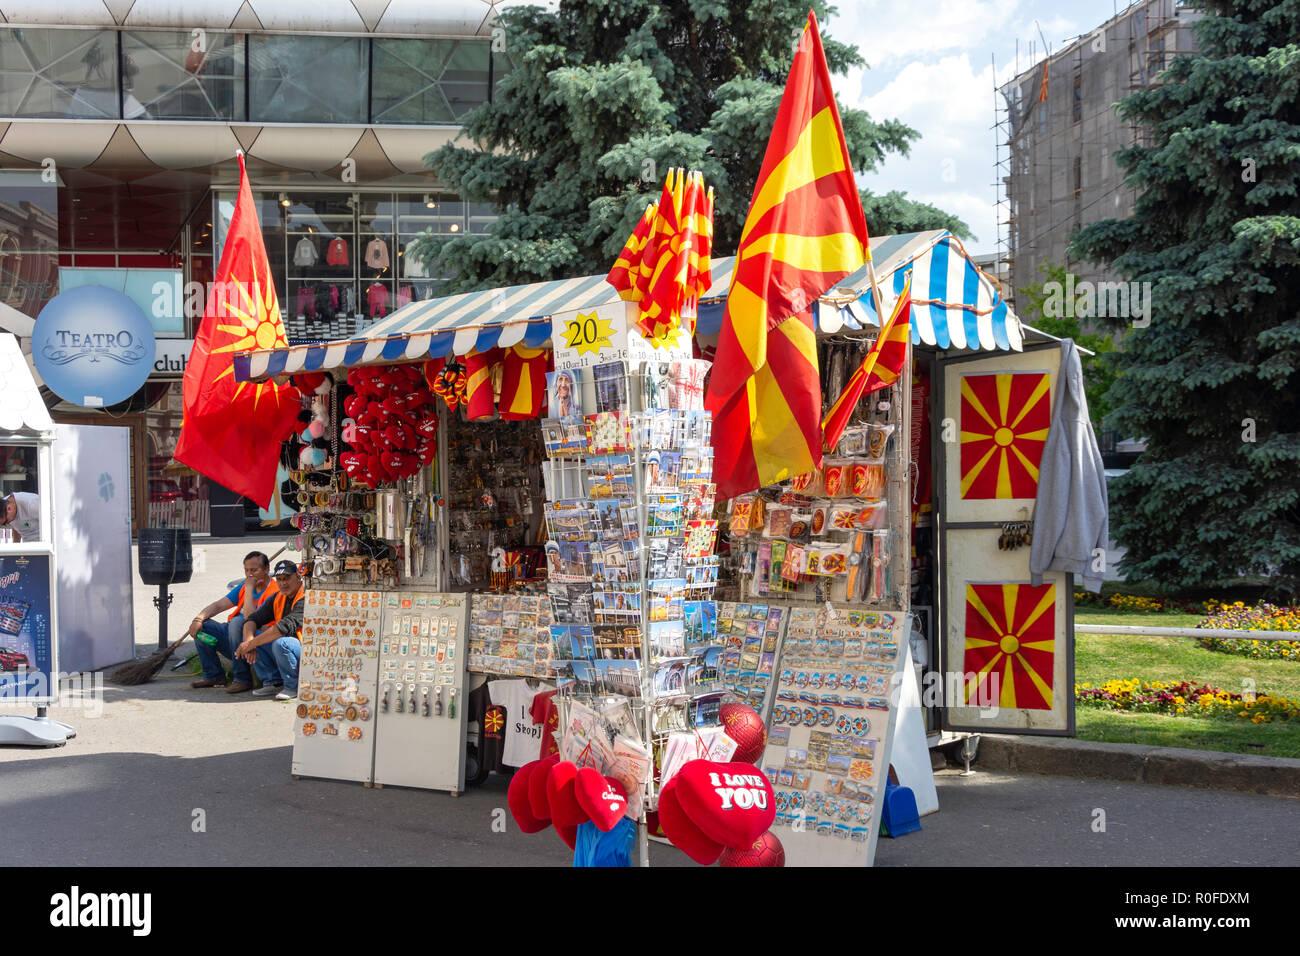 Souvenir kiosk, Macedonia Square, Skopje, Skopje Region, Republic of Macedonia - Stock Image